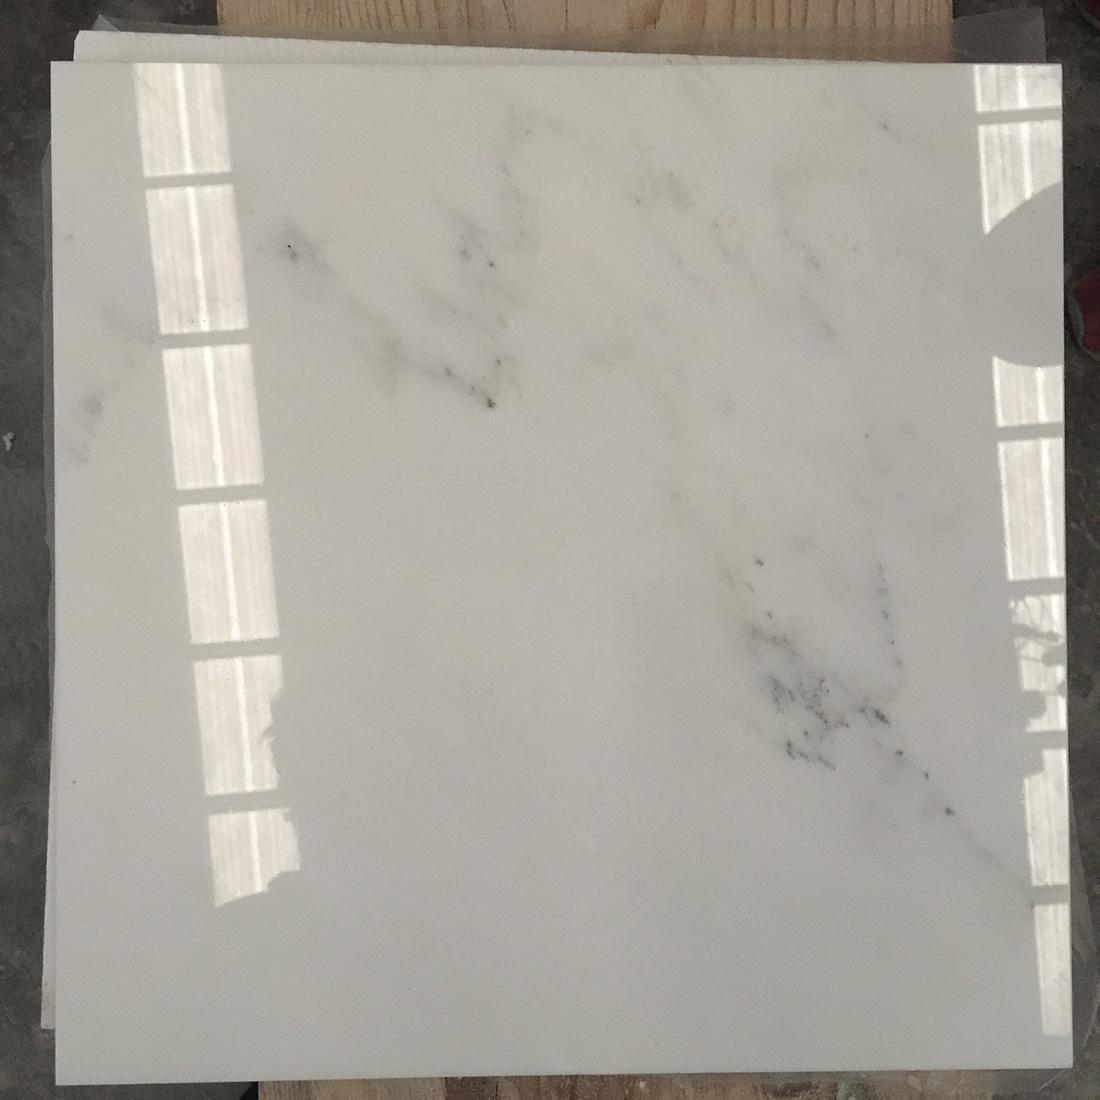 Bianco statuario white marble tiles